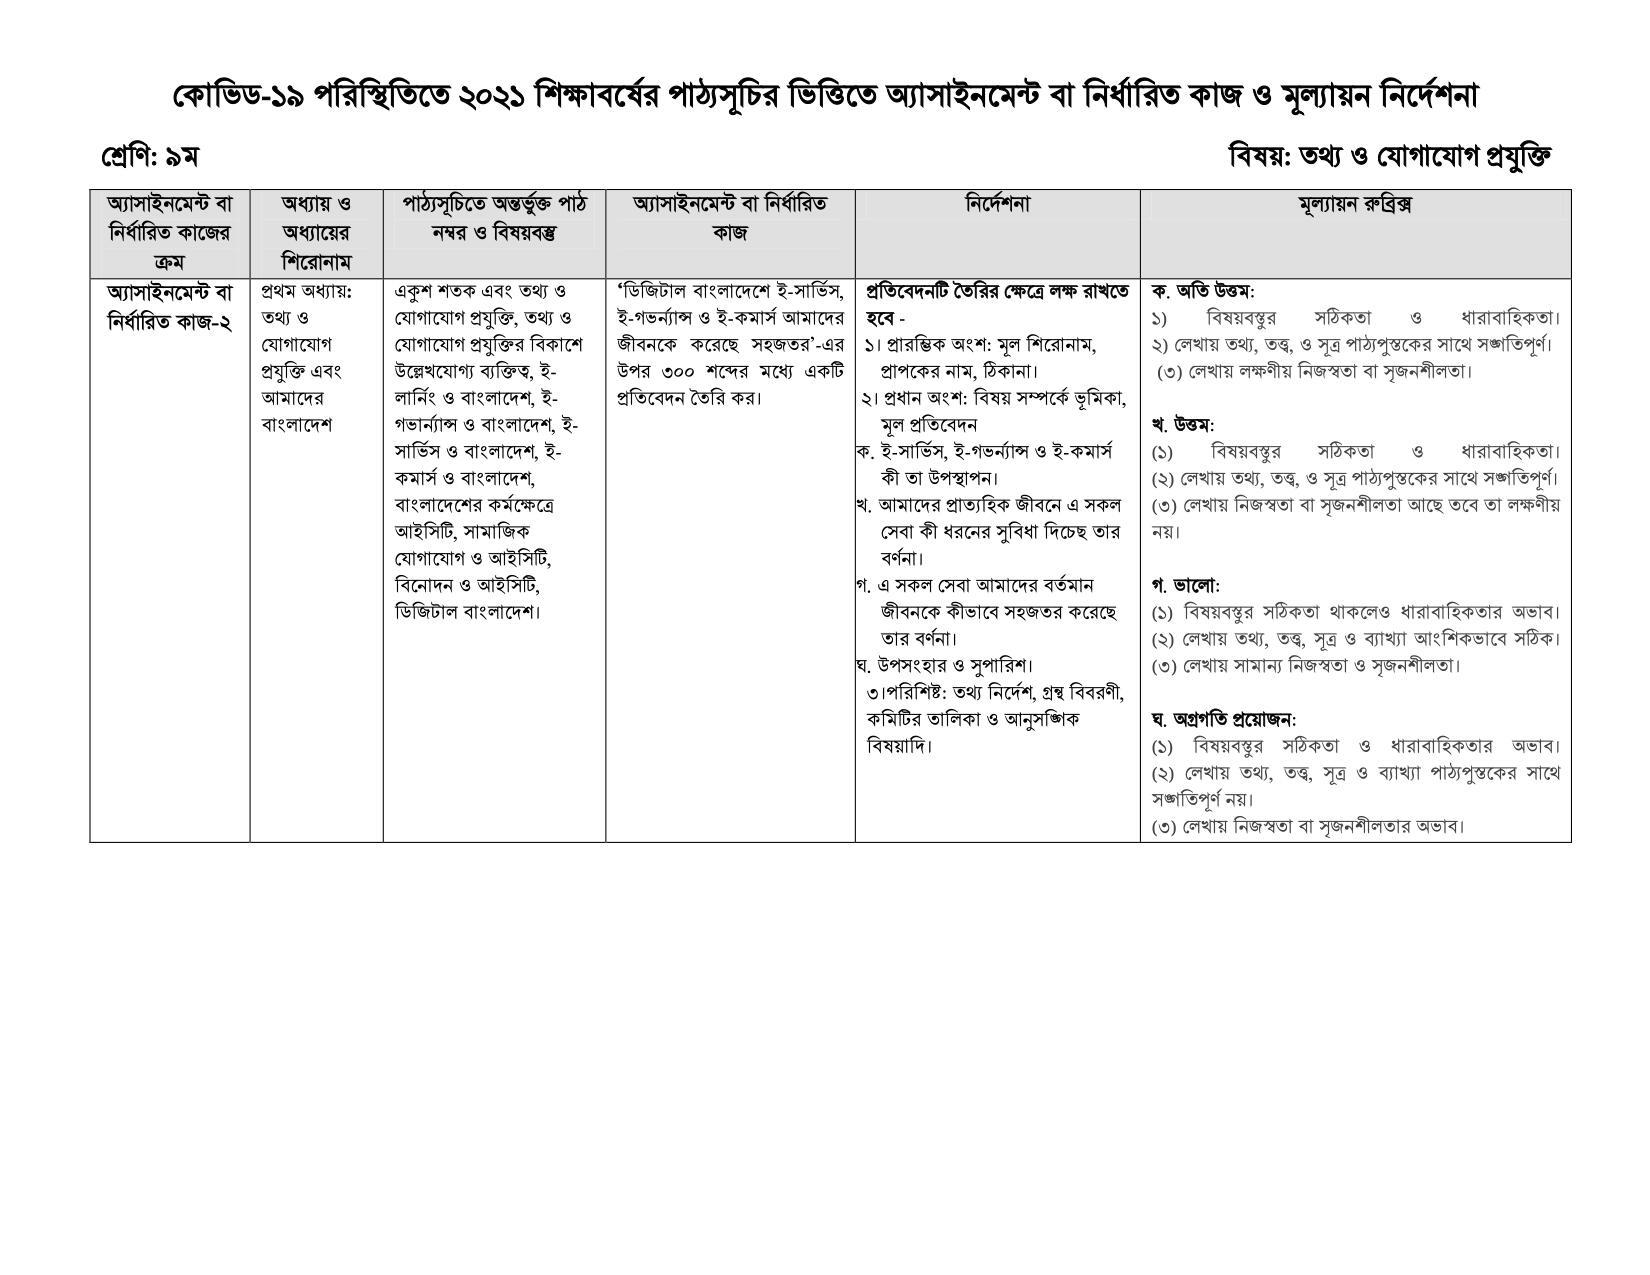 Tags:৯ম শ্রেণির ১৬ তম সপ্তাহের তথ্য ও যোগাযোগ প্রযুক্তি এসাইনমেন্ট সমাধান উত্তর ২০২১ | Class Nine/9 16th Week Ict Assignment Anser Solution 2021 | Class 9 ICT Assignment 16th Week Answer 2021 PDF Download। Class 9 ICT Assignment 2021 Answer ।Class 9 ICT Assignment Answer 2021 16th Week।Class 9 16th week Assignment Answer 2021 Bangla ।16th Week Class 9 ICT Assignment Solution 2021 PDF ।Class 9 ICT Assignment 16th Week Answer 2021 ।Class 9 Assignment 16th Week Answer 2021 Bangla & ICT PDF।Information Technology ICT Assignment Class 9 Answer 16th ।Class 9 Assignment Answer 2021 (নতুন) PDF & Pic Download।